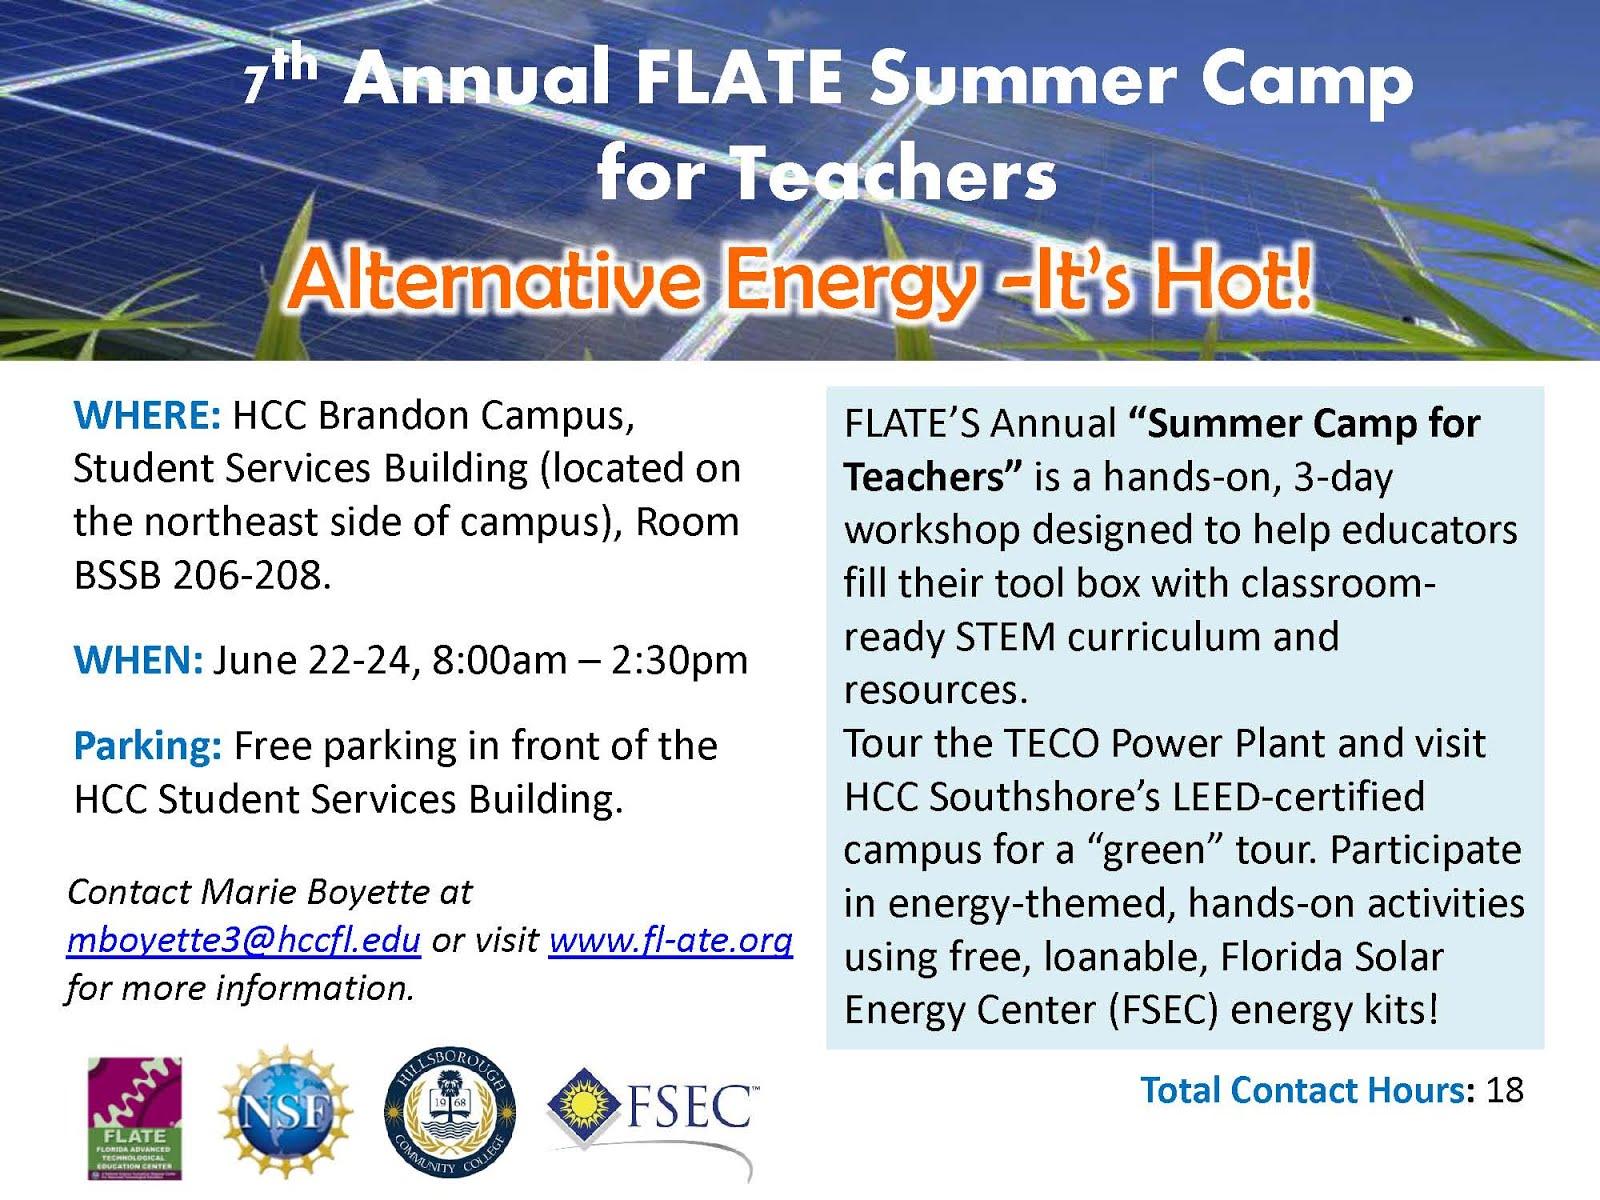 Summer Camp for Teachers (June 22-24): Register NOW!